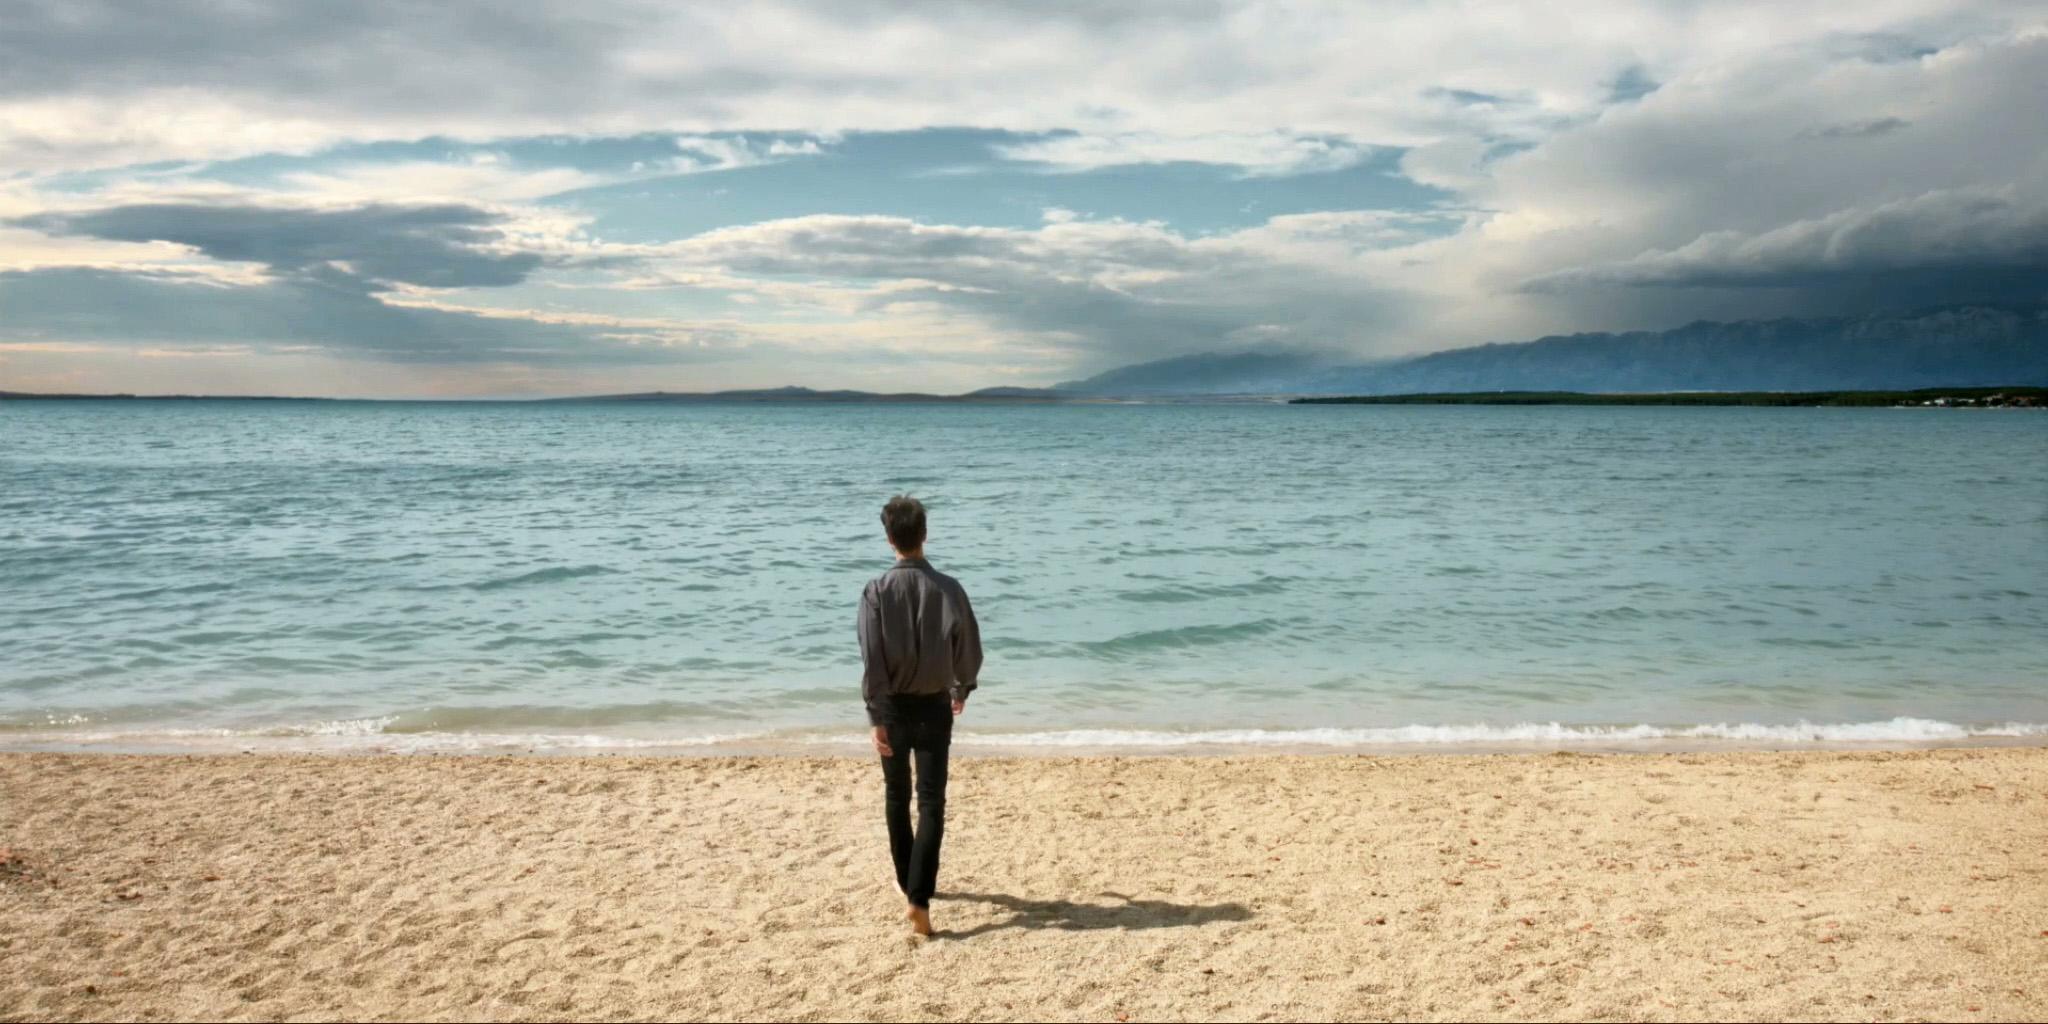 Skofic_Goran_On The Beach 001